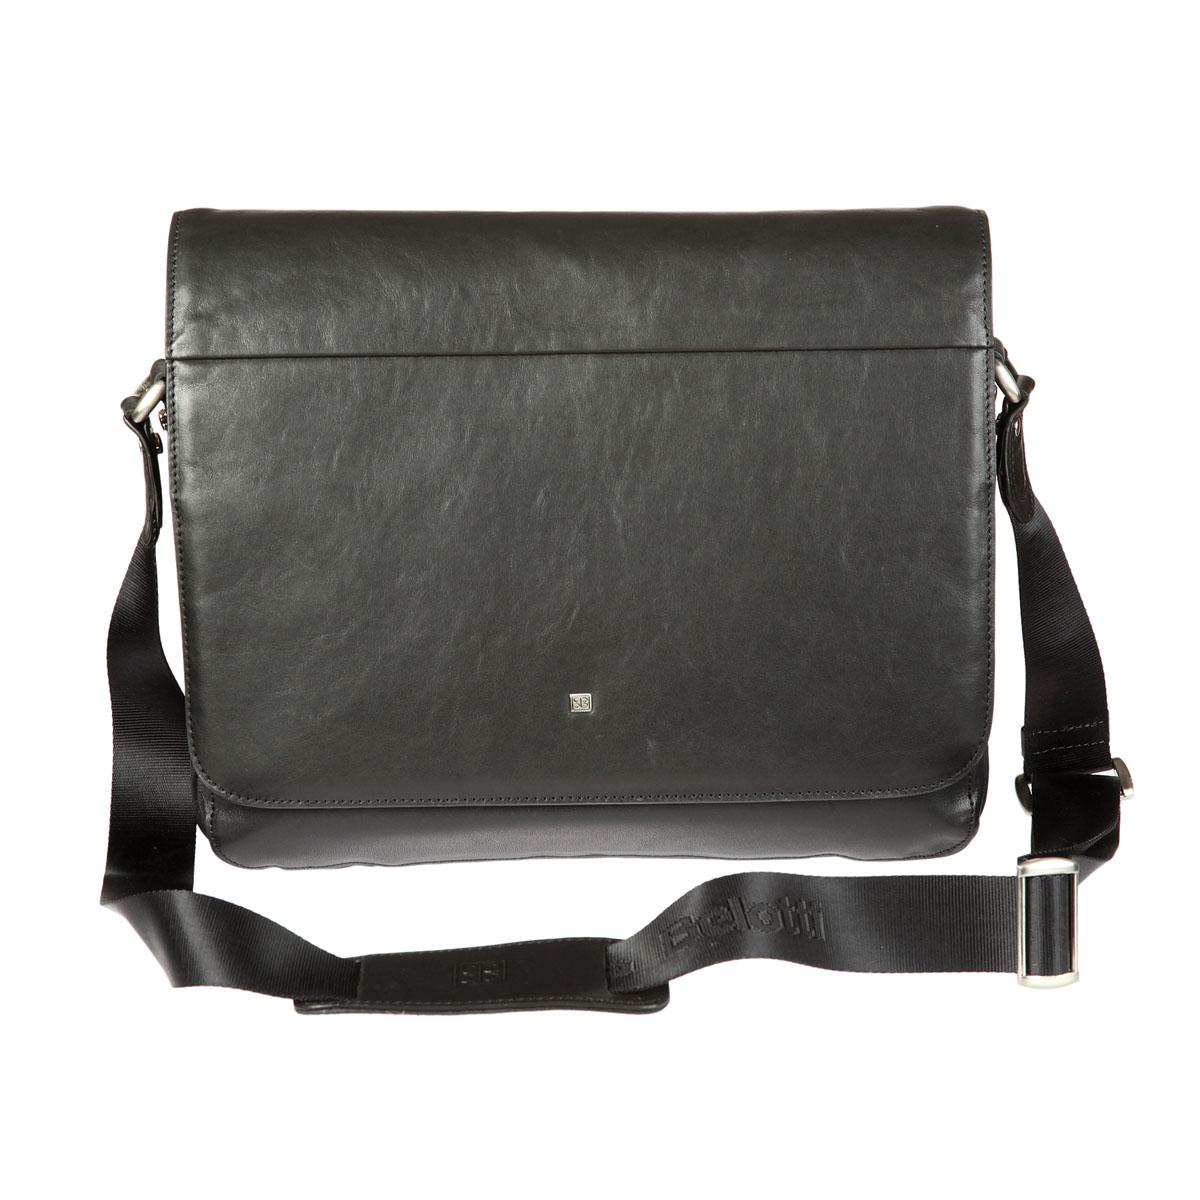 Планшет мужской Sergio Belotti, цвет: черный. 89198919-34 west blackПланшет Sergio Belotti выполнен из высококачественной кожи черного цвета. Планшет имеет одно отделение, закрывающийся клапаном на магнит. Внутри отделения расположен вшитый карман на молнии. Также под клапаном расположен вместительный карман, содержащий три накладных кармана, четыре наборных кармашка для кредиток и два фиксатора для ручек, а также вшитый карман на молнии. На задней стороне сумки также имеется карман на молнии. Планшет оснащен удобной ручкой-лентой регулируемой длины. Фурнитура - серебристого цвета. Функциональность, вместительность, качество исполнения и непревзойденный стиль планшета Sergio Belotti, несомненно, понравится любому мужчине. Характеристики: Материал: натуральная кожа, текстиль, металл. Цвет: черный. Размер: 34 см х 29 см х 10 см. Размер упаковки: 42 см х 33 см х 15 см.